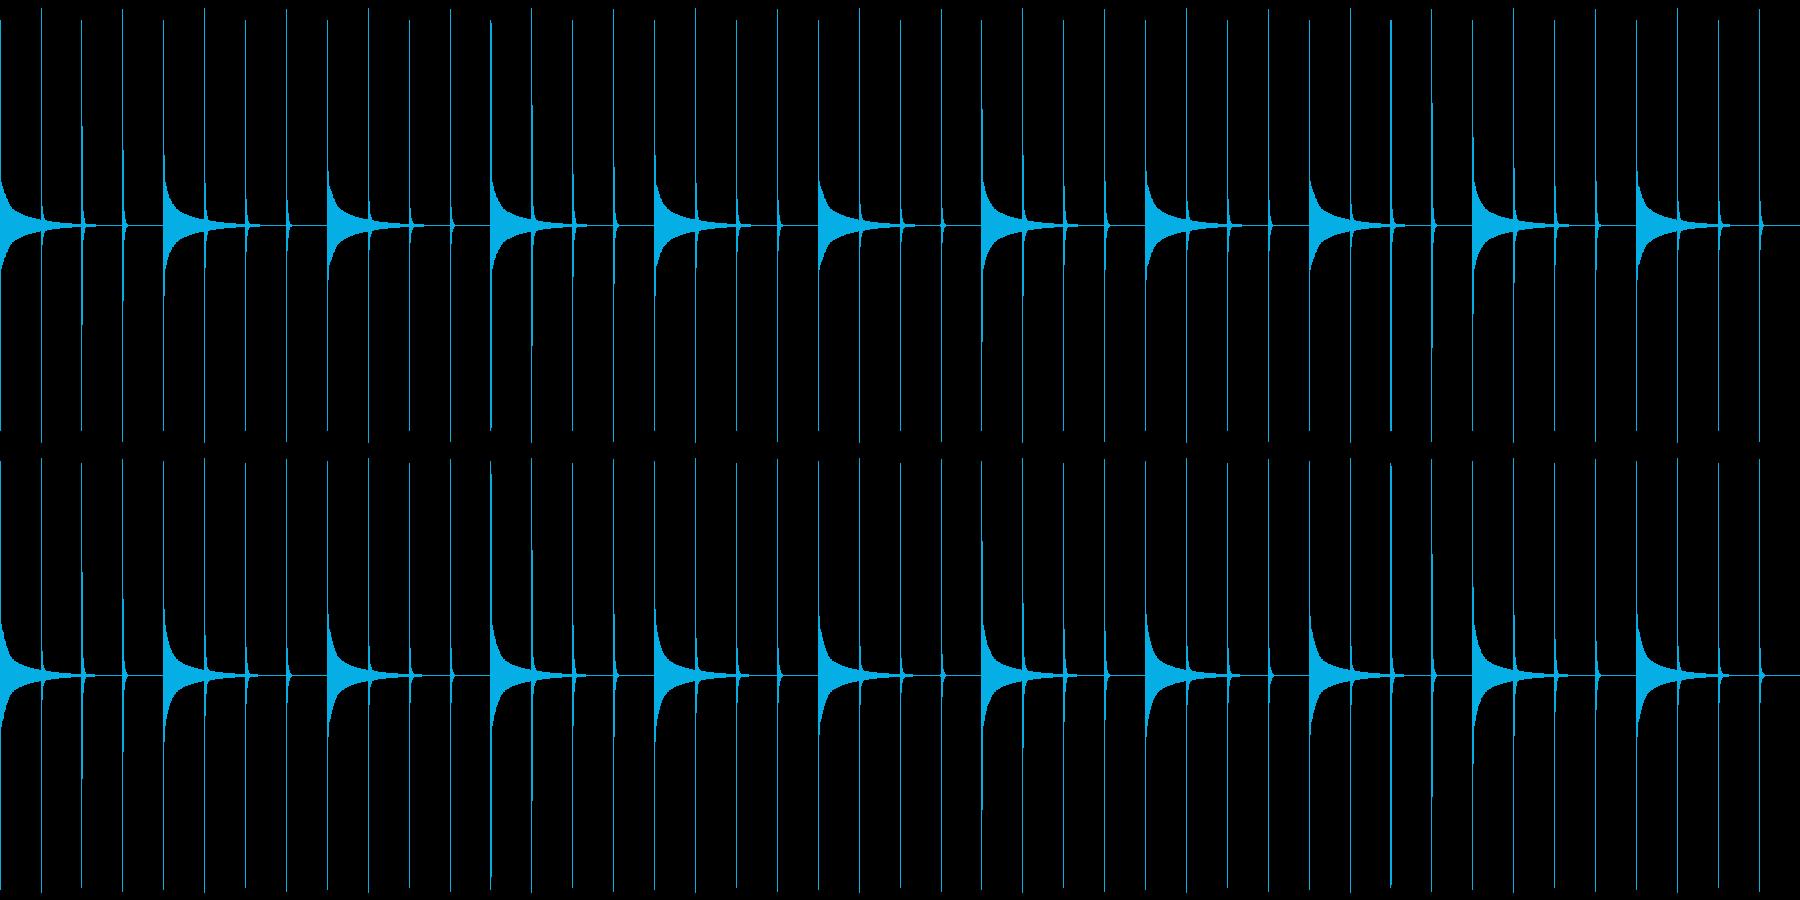 木製振り子メトロノーム19-BPM40の再生済みの波形